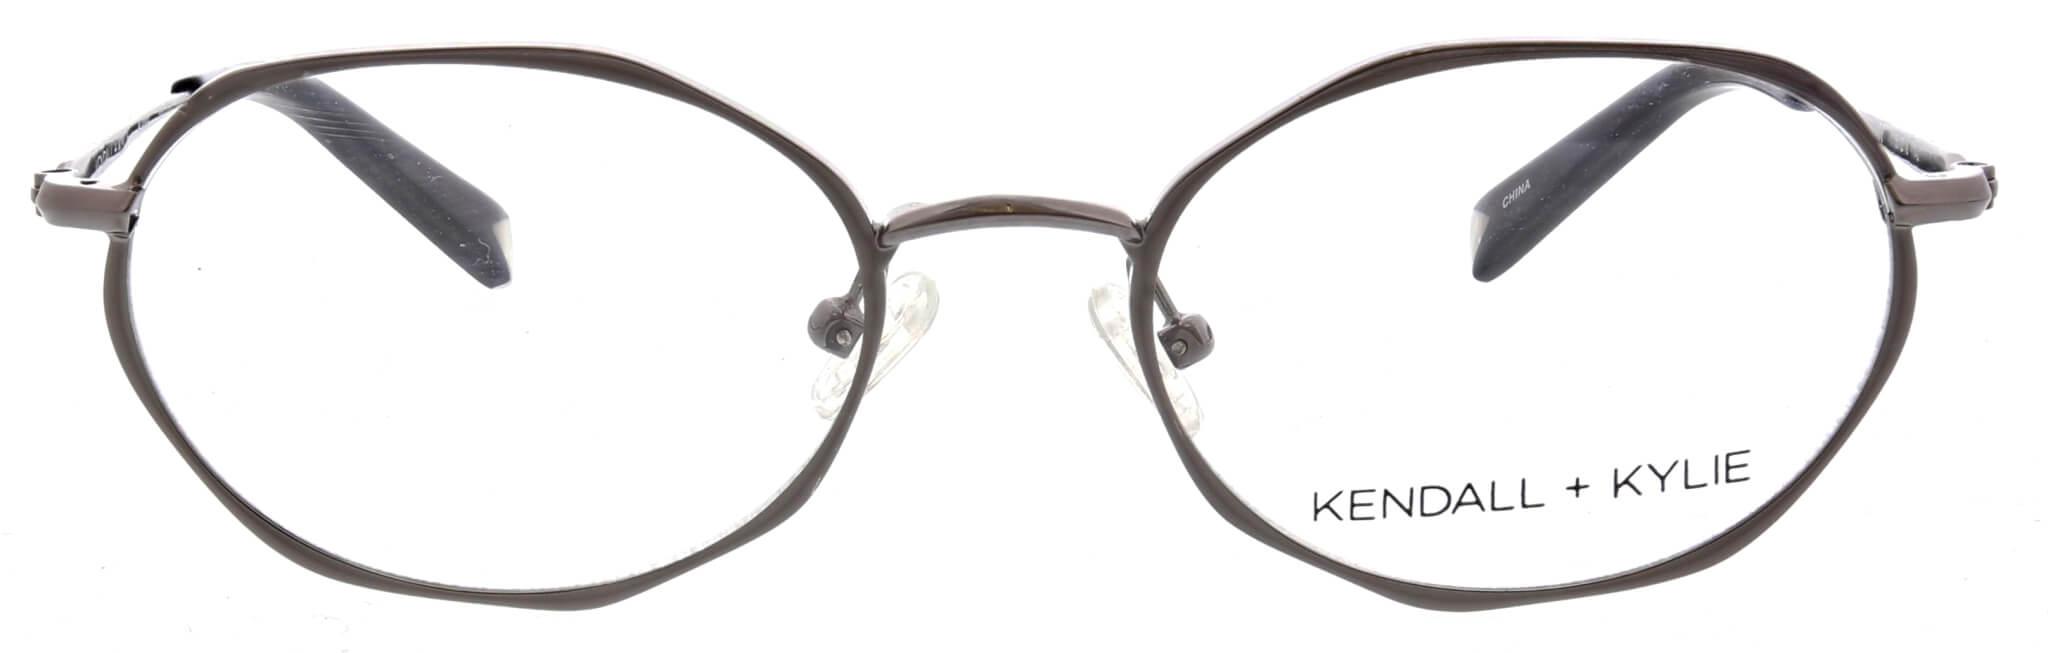 KKO162_003